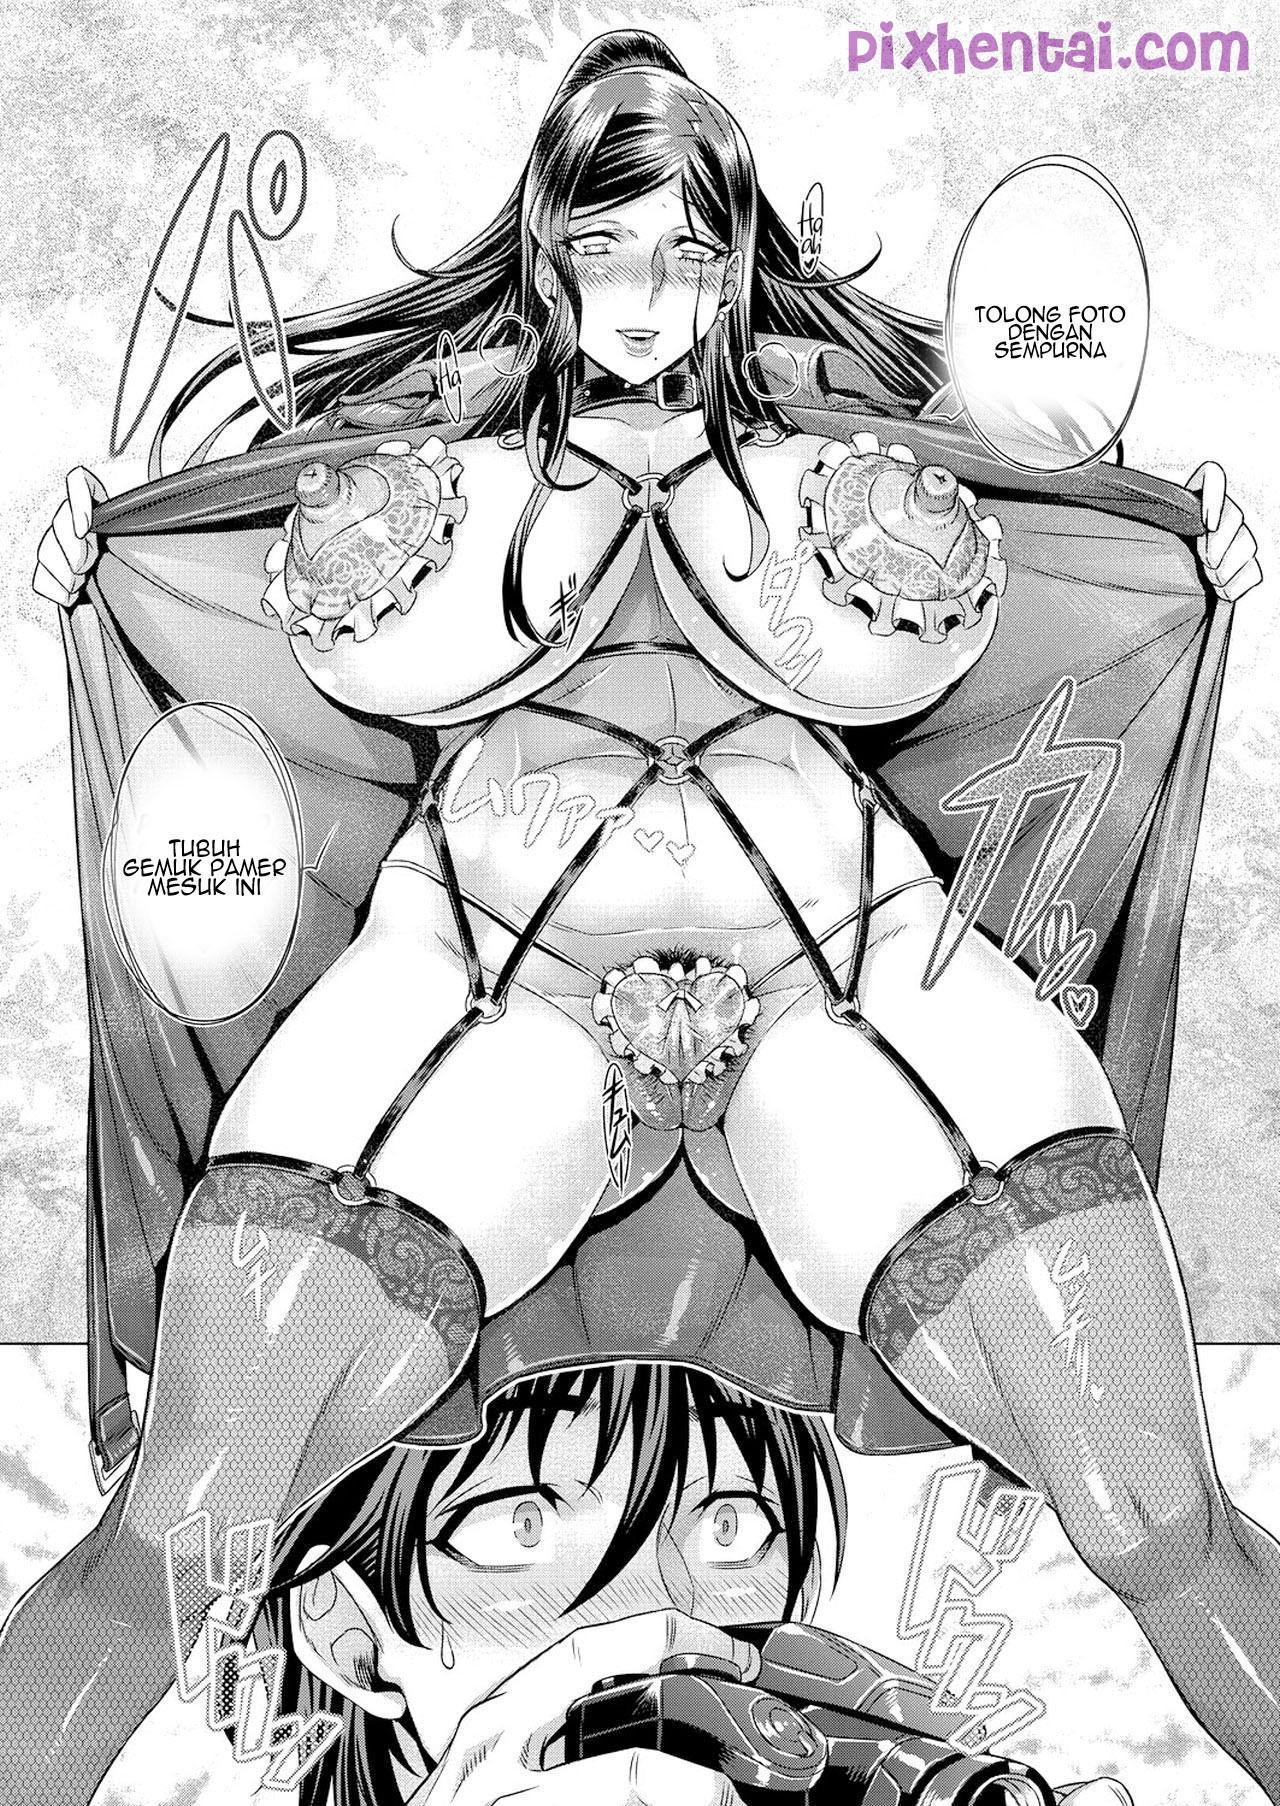 Komik hentai xxx manga sex bokep ibu kost montok dientot fotografer 14